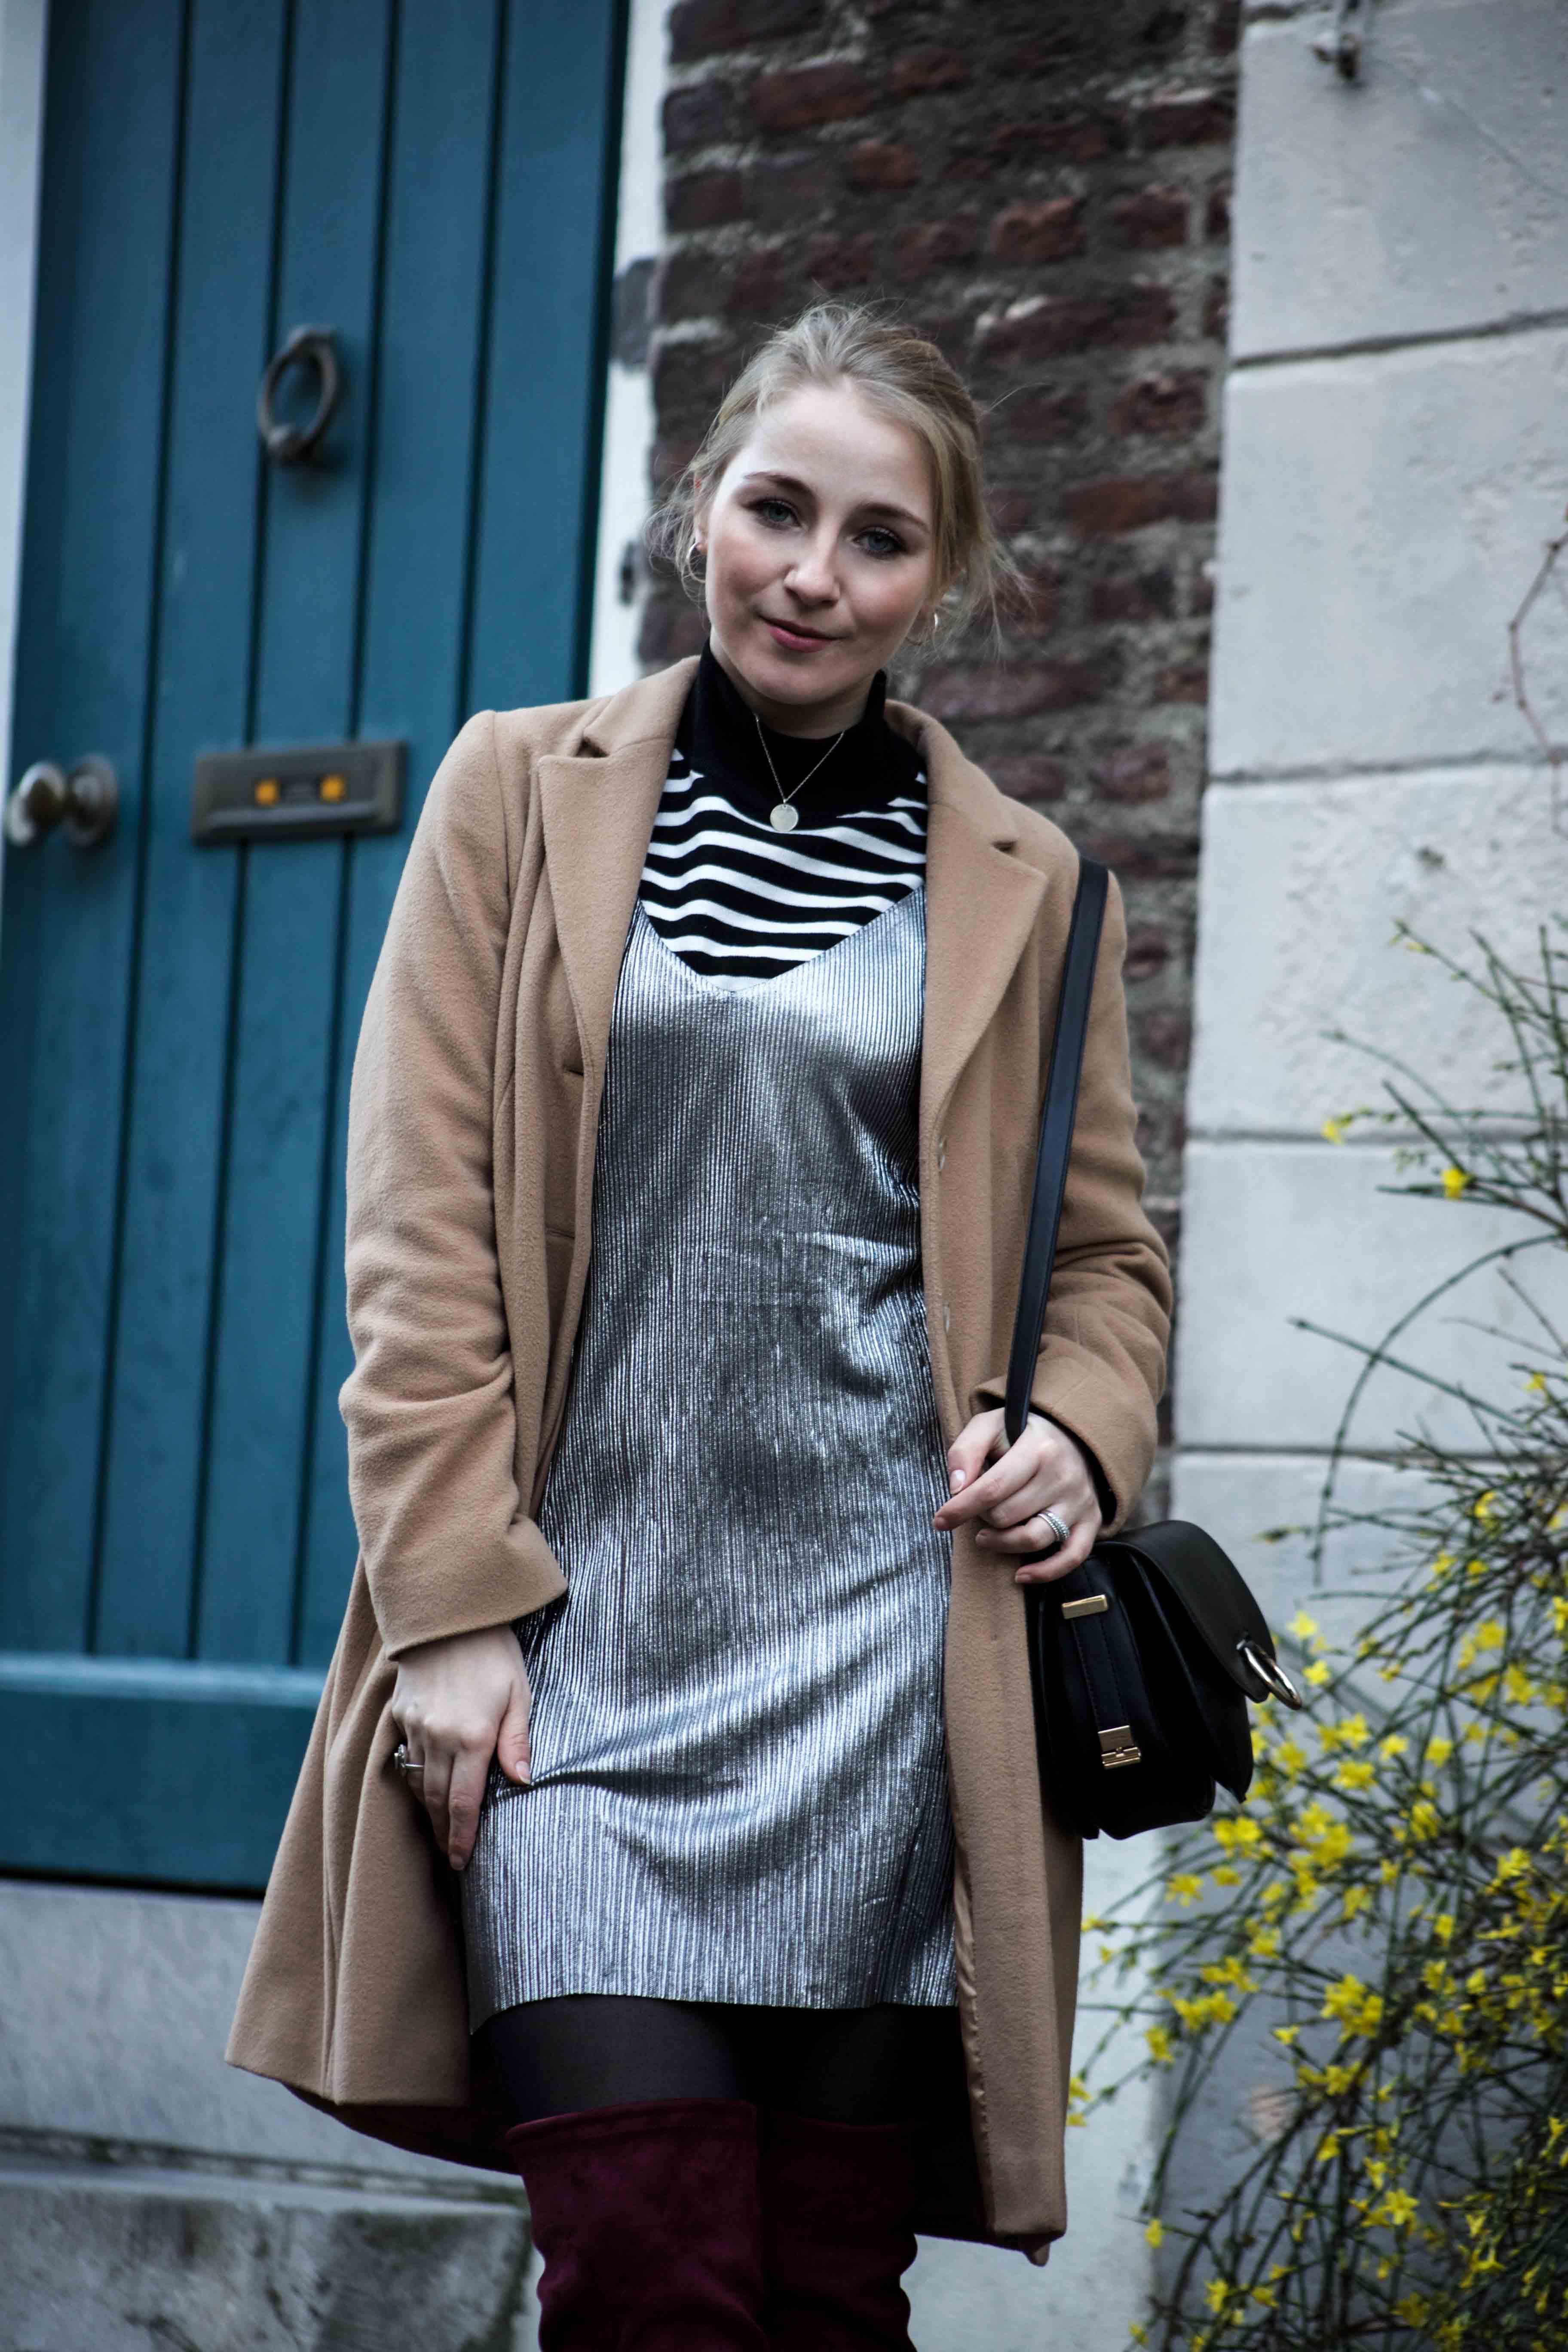 slip-dress-trend-hm-silber-spaghettitraeger-kleid_0361